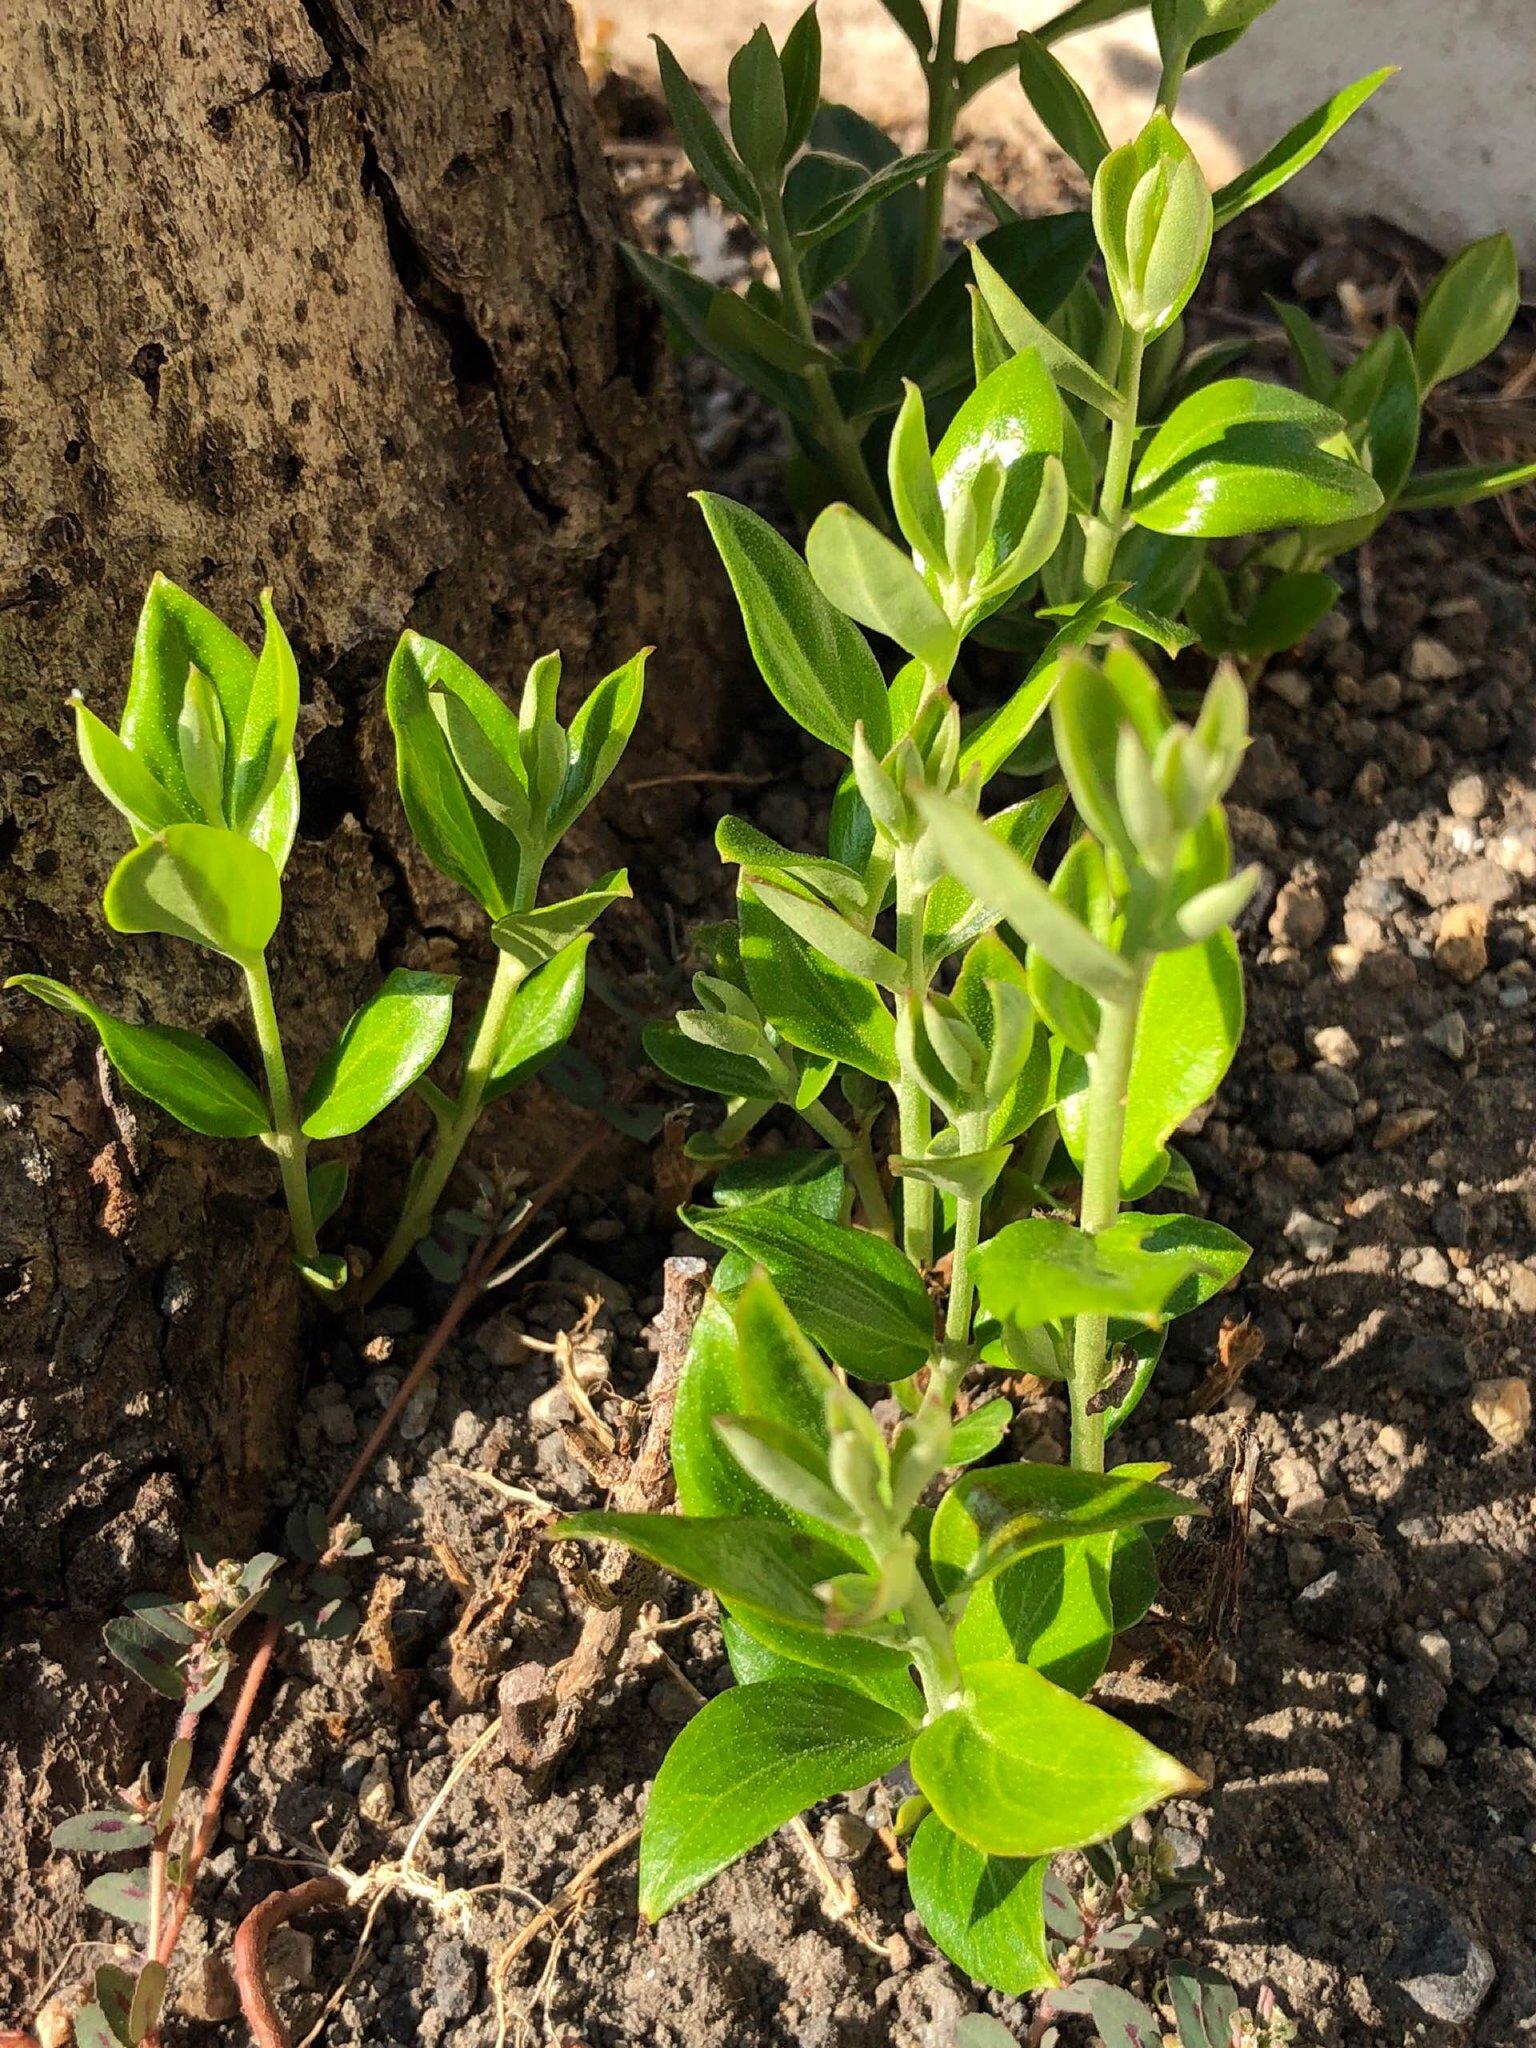 虫に食われて枯れてしまったオリーブの木のあたりからいくつか芽が出てきていた。もしかしてオリーブの木になるのかな。しばらく様子を見ておきたい。 https://t.co/ojmIjGWgq2